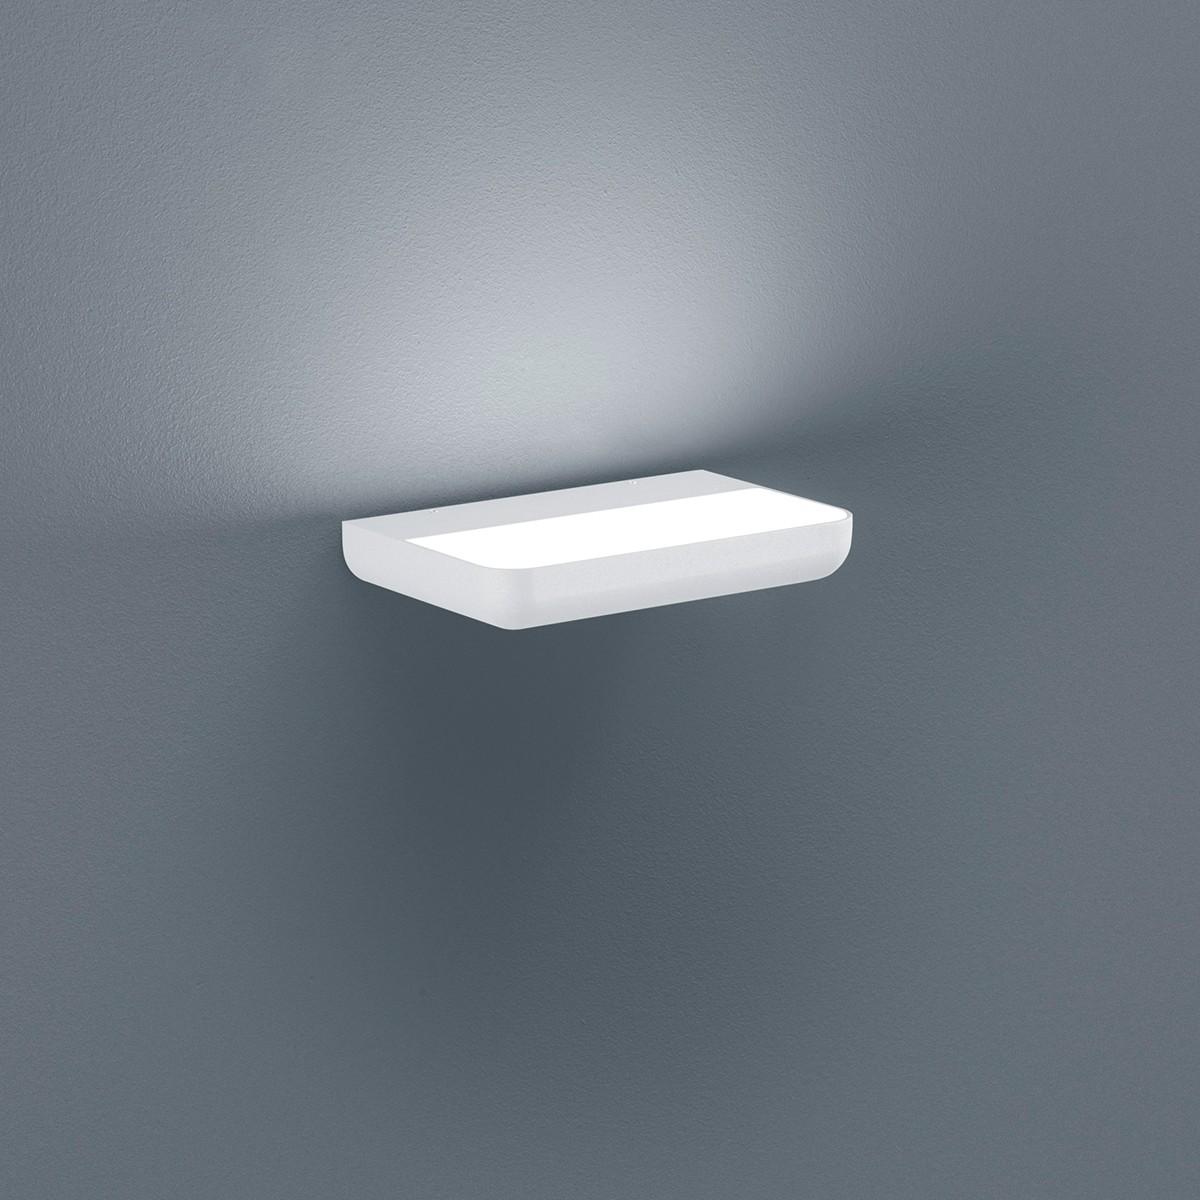 Helestra Snap LED Außenwandleuchte, weiß matt